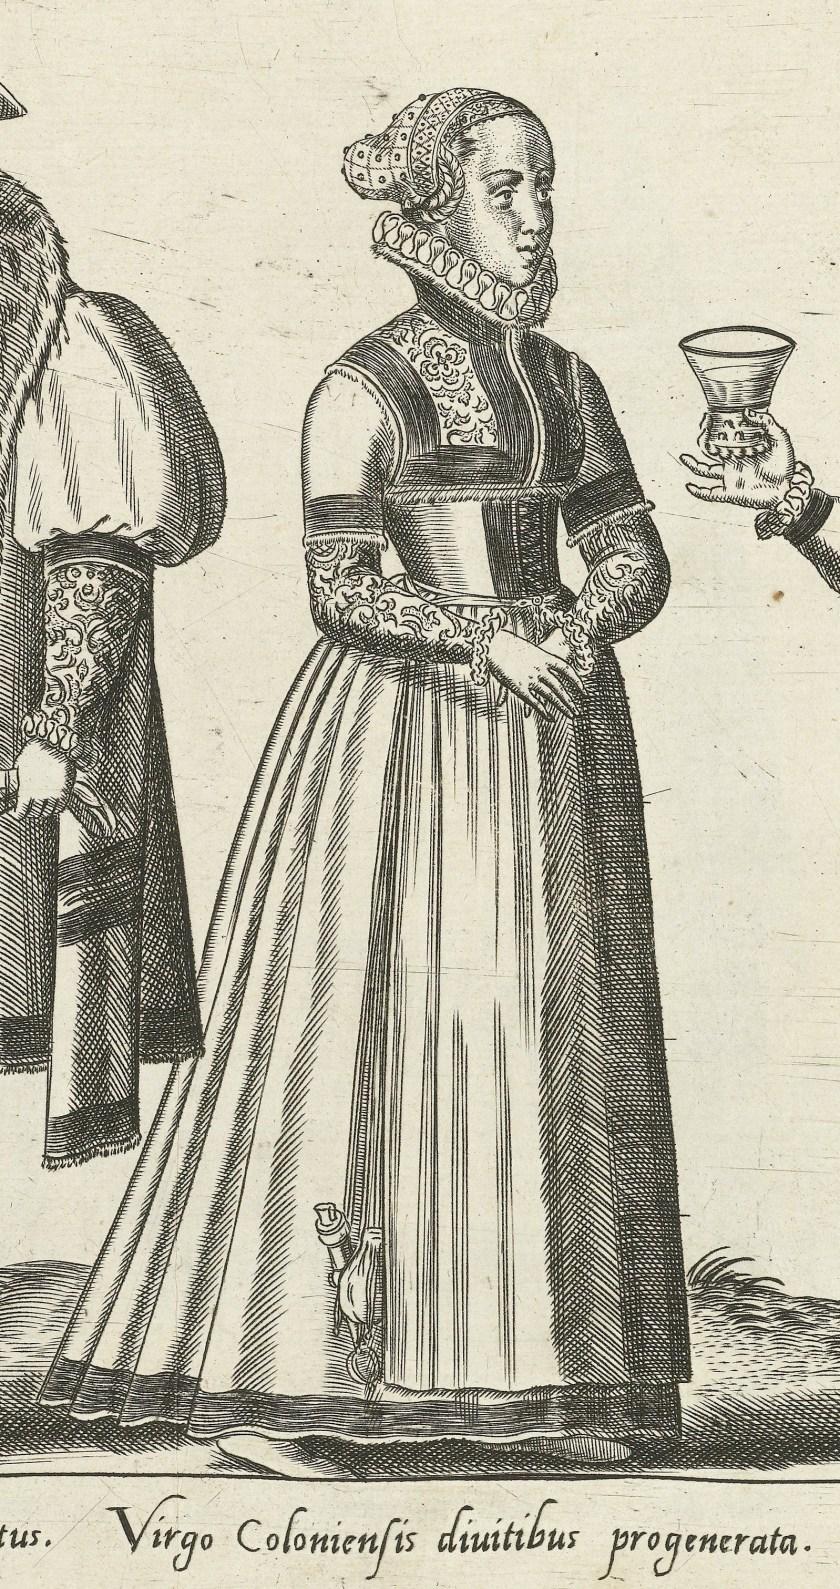 1581 Cologne, unmarried woman. Fig. 3, page 16, Omnium pene Europae, Asiae, Aphricae, Americae gentium habitus [...] de Bruyn. Rijsmuseum BI-1895-3811